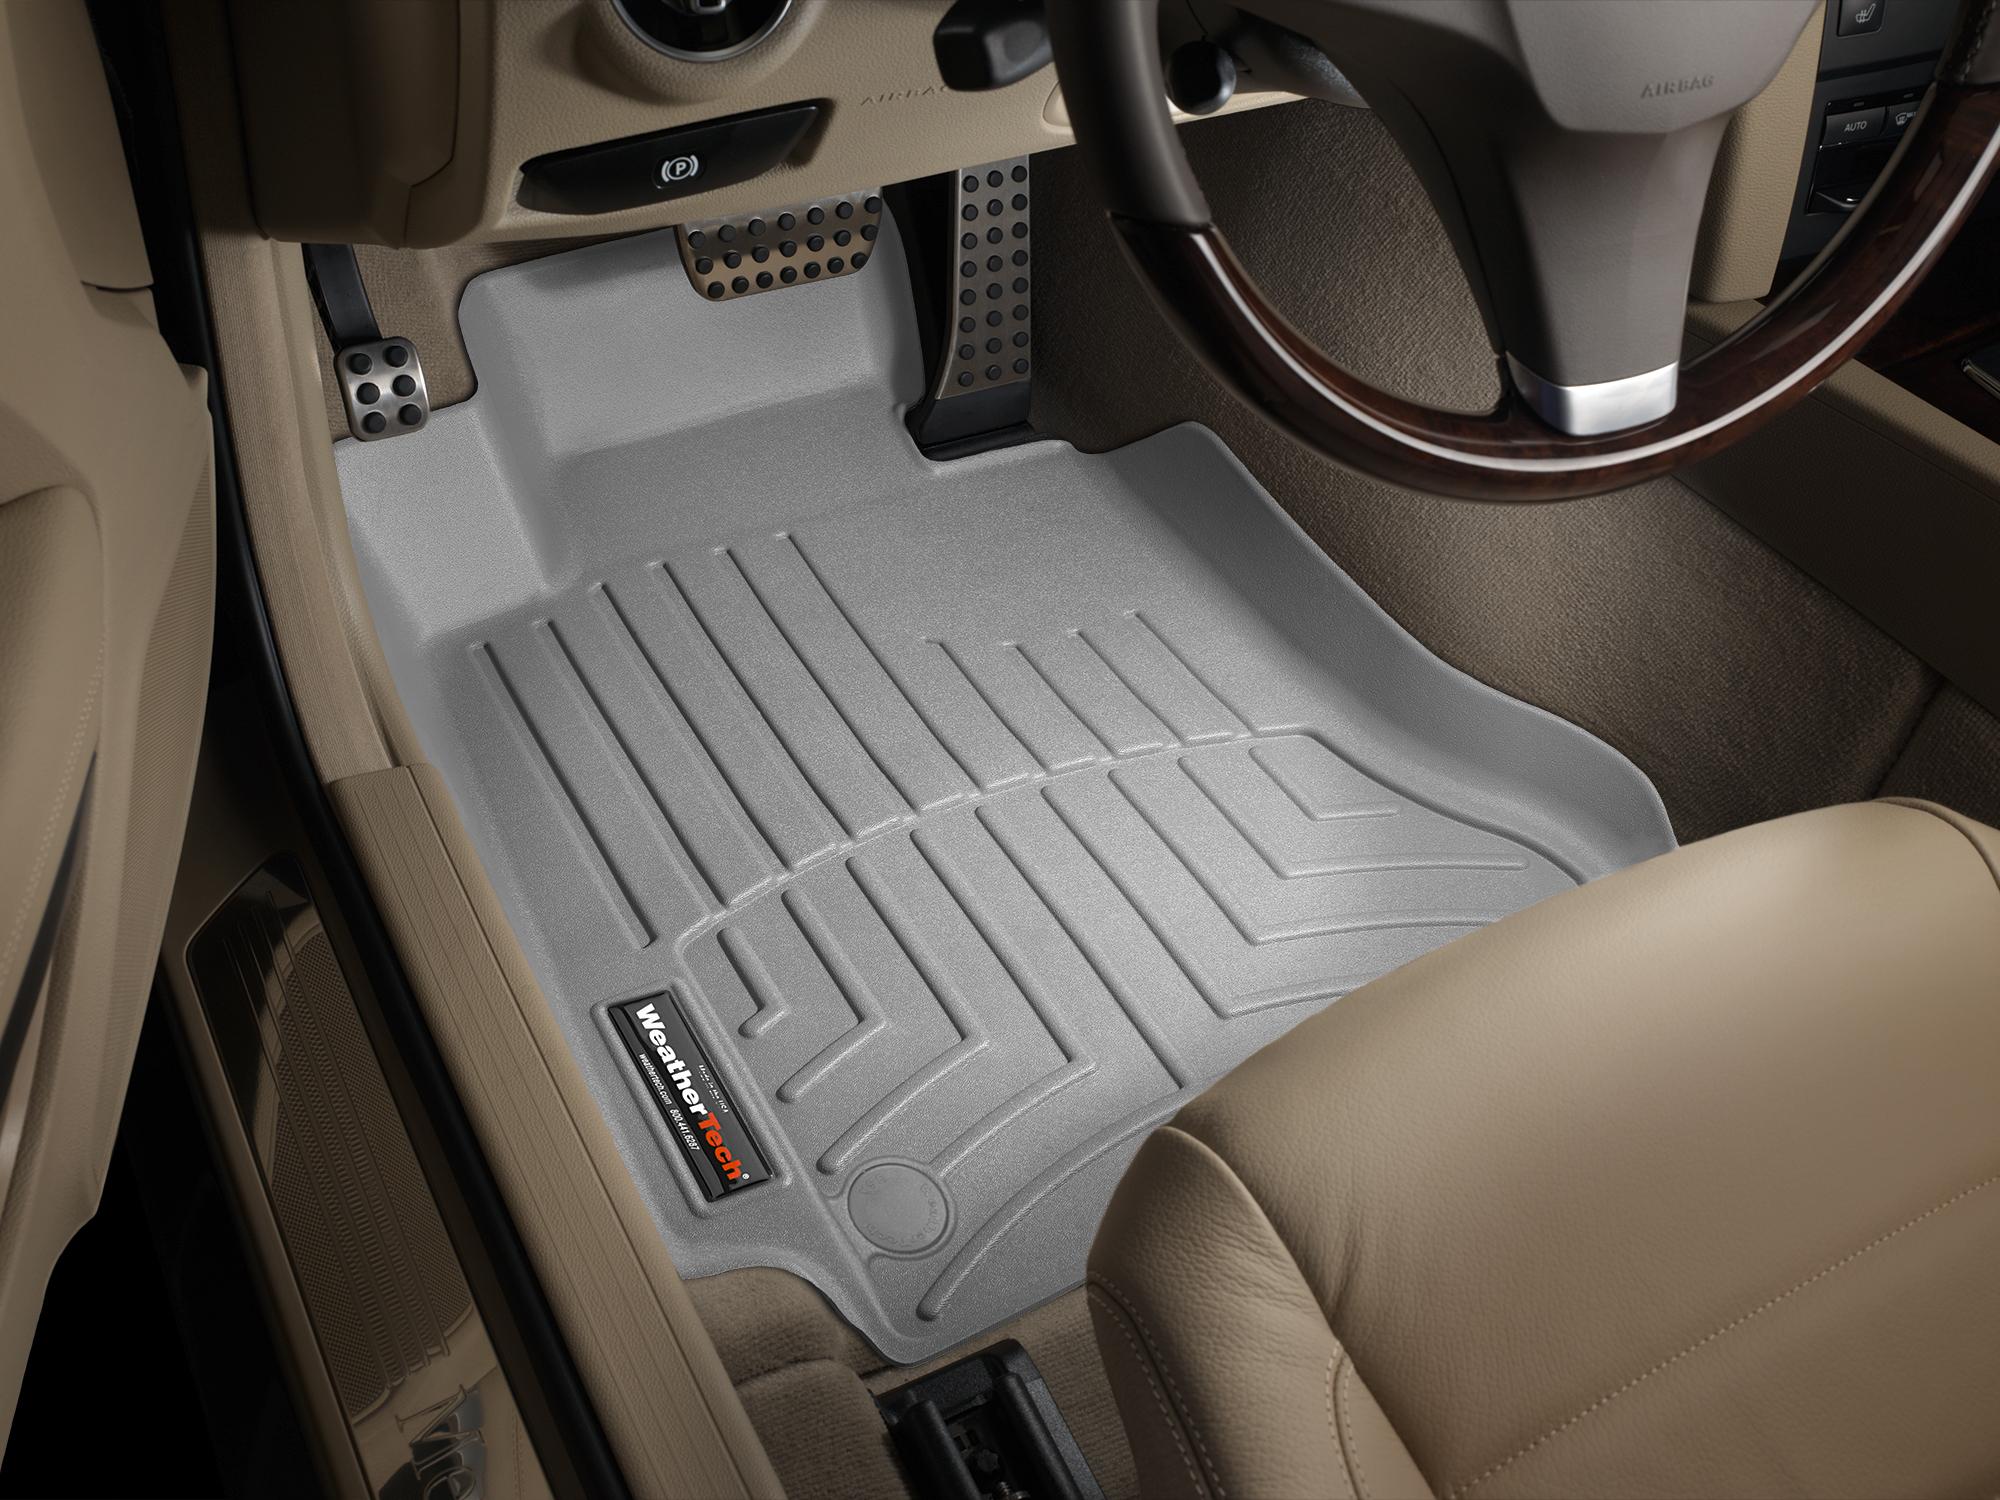 Tappeti gomma su misura bordo alto Mercedes E-Class 10>11 Grigio A2386*